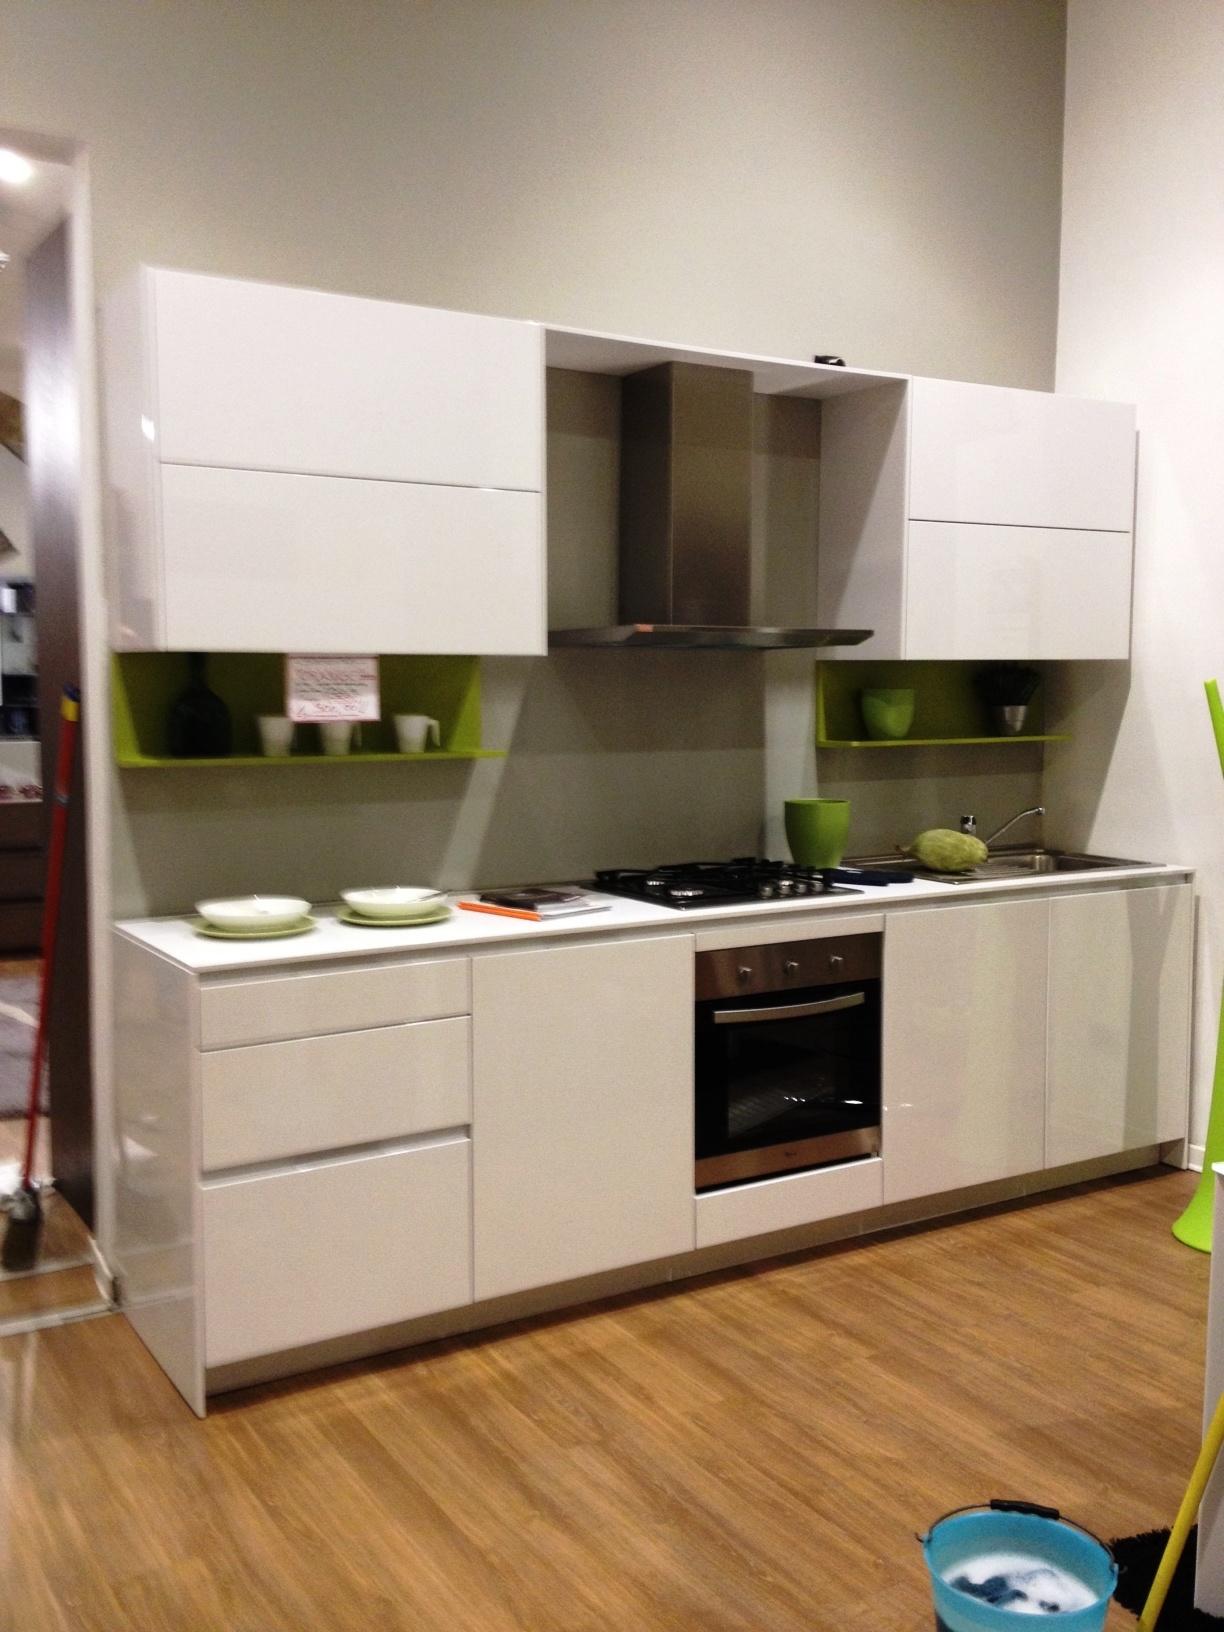 Cucine Moderne Prezzi Accessibili. Interesting Cucina Snaidero ...